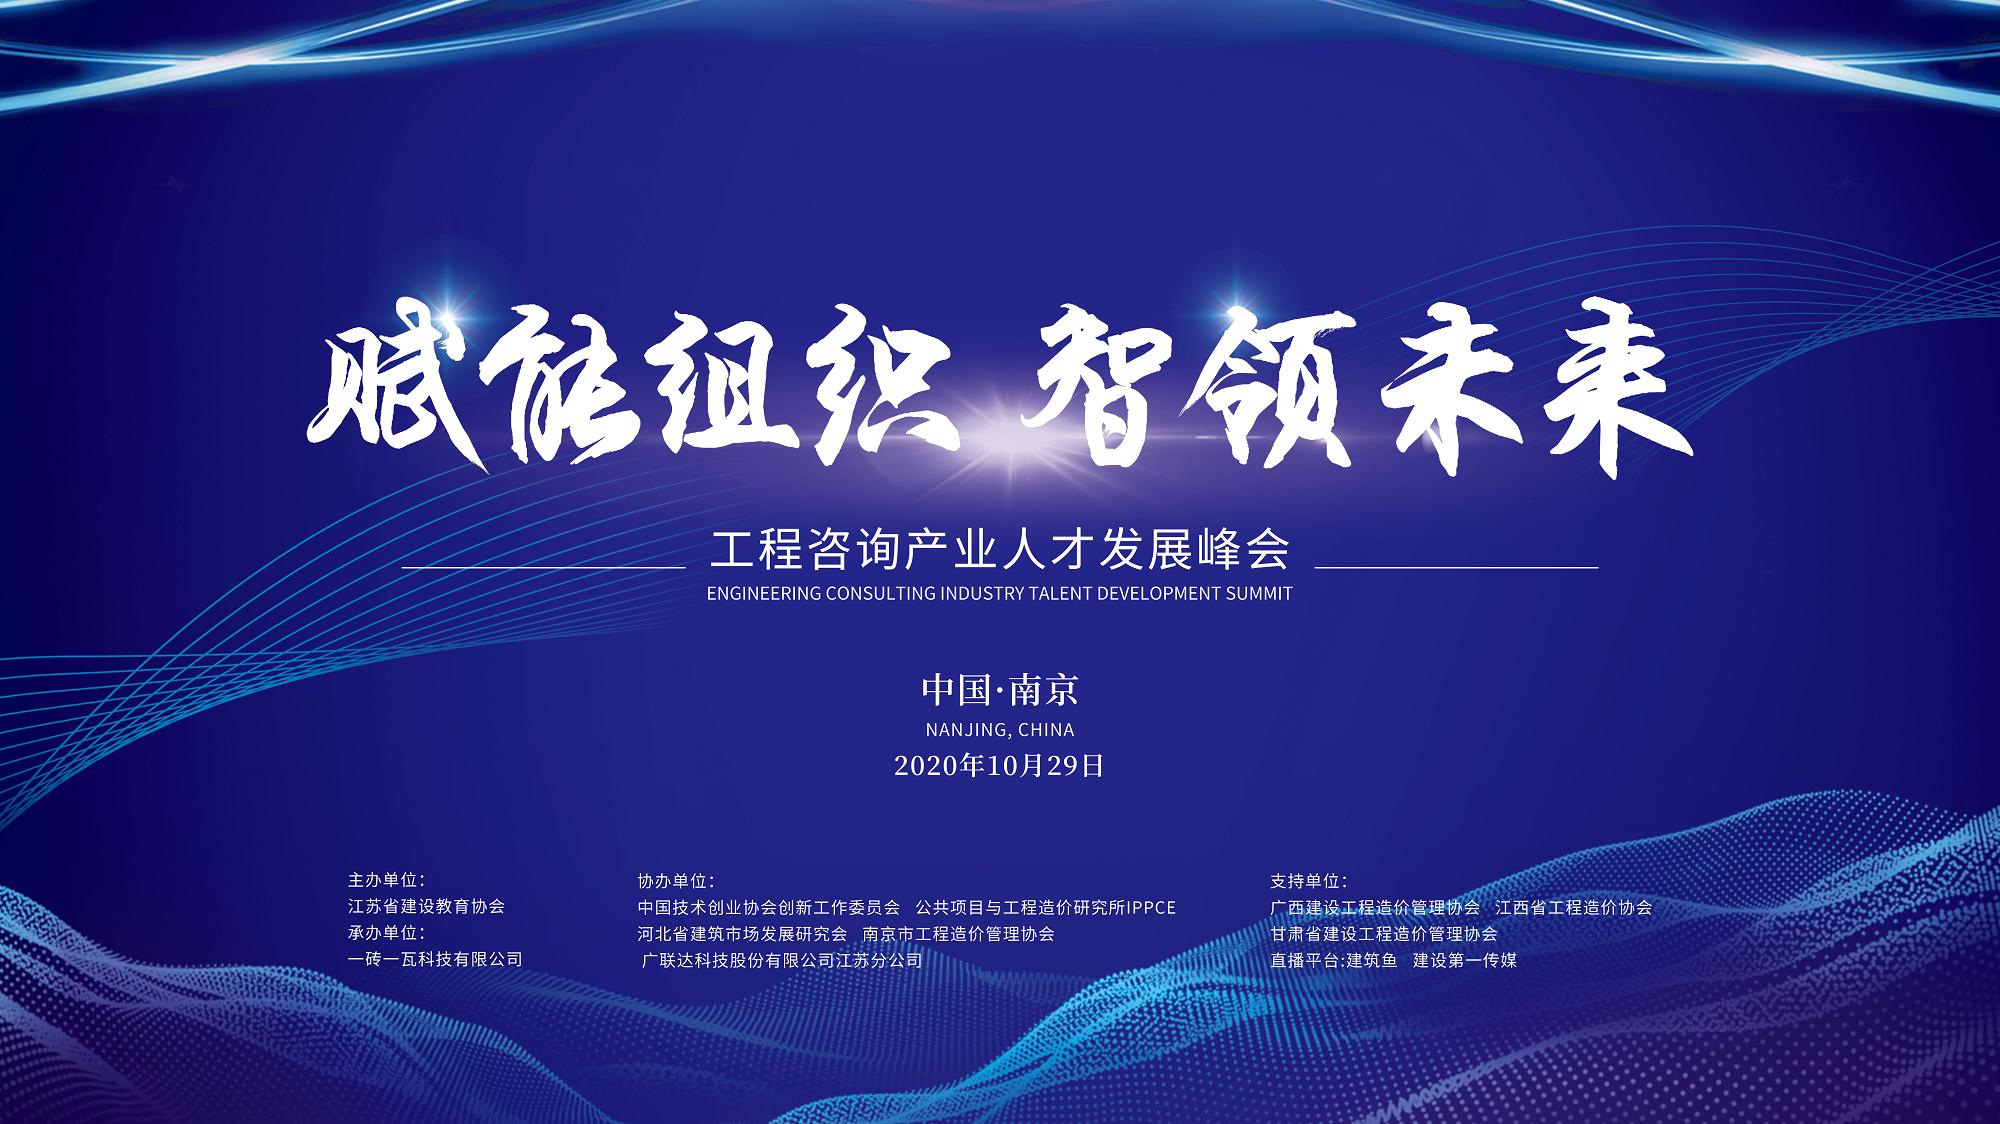 2020年工程咨询产业人才发展峰会在南京举办